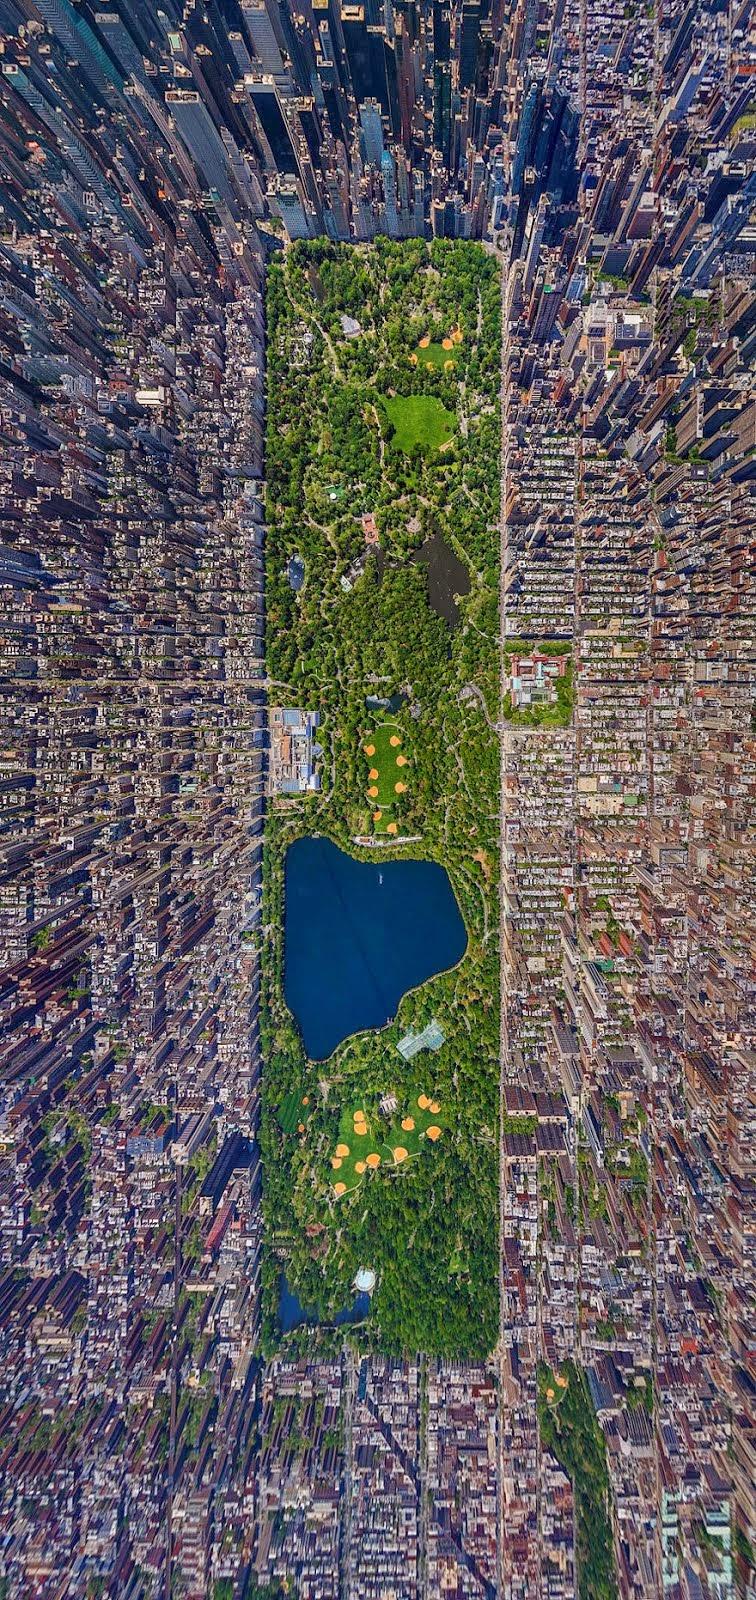 El Parque Central de la ciudad de Nueva York